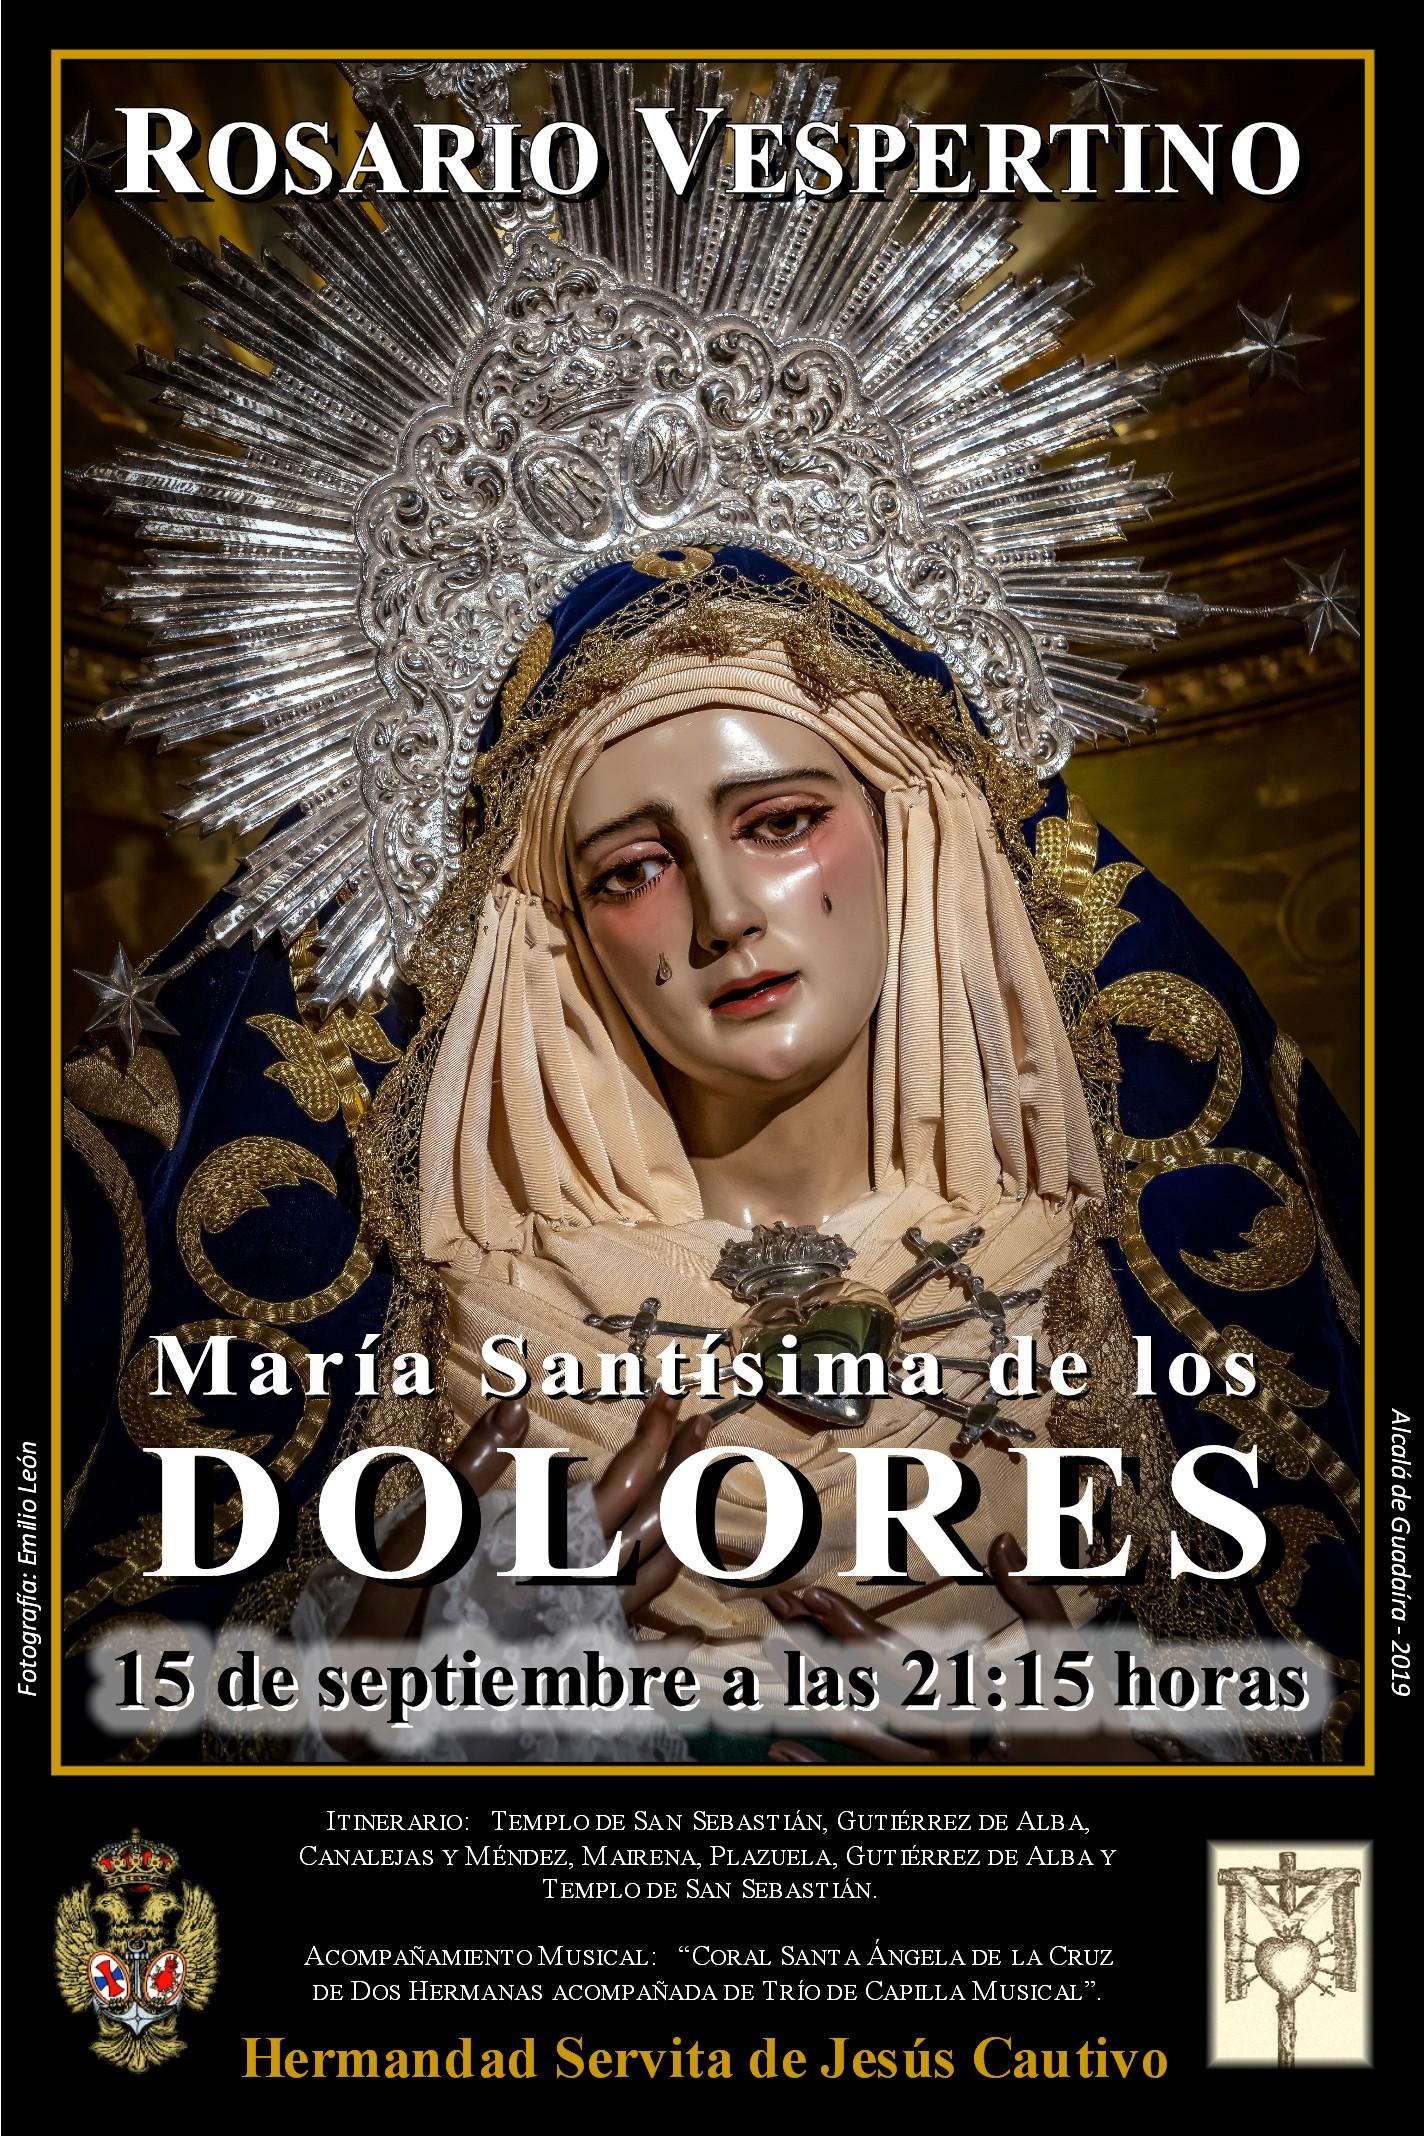 Cartel-Rosario-Vespertino-Dolores2019